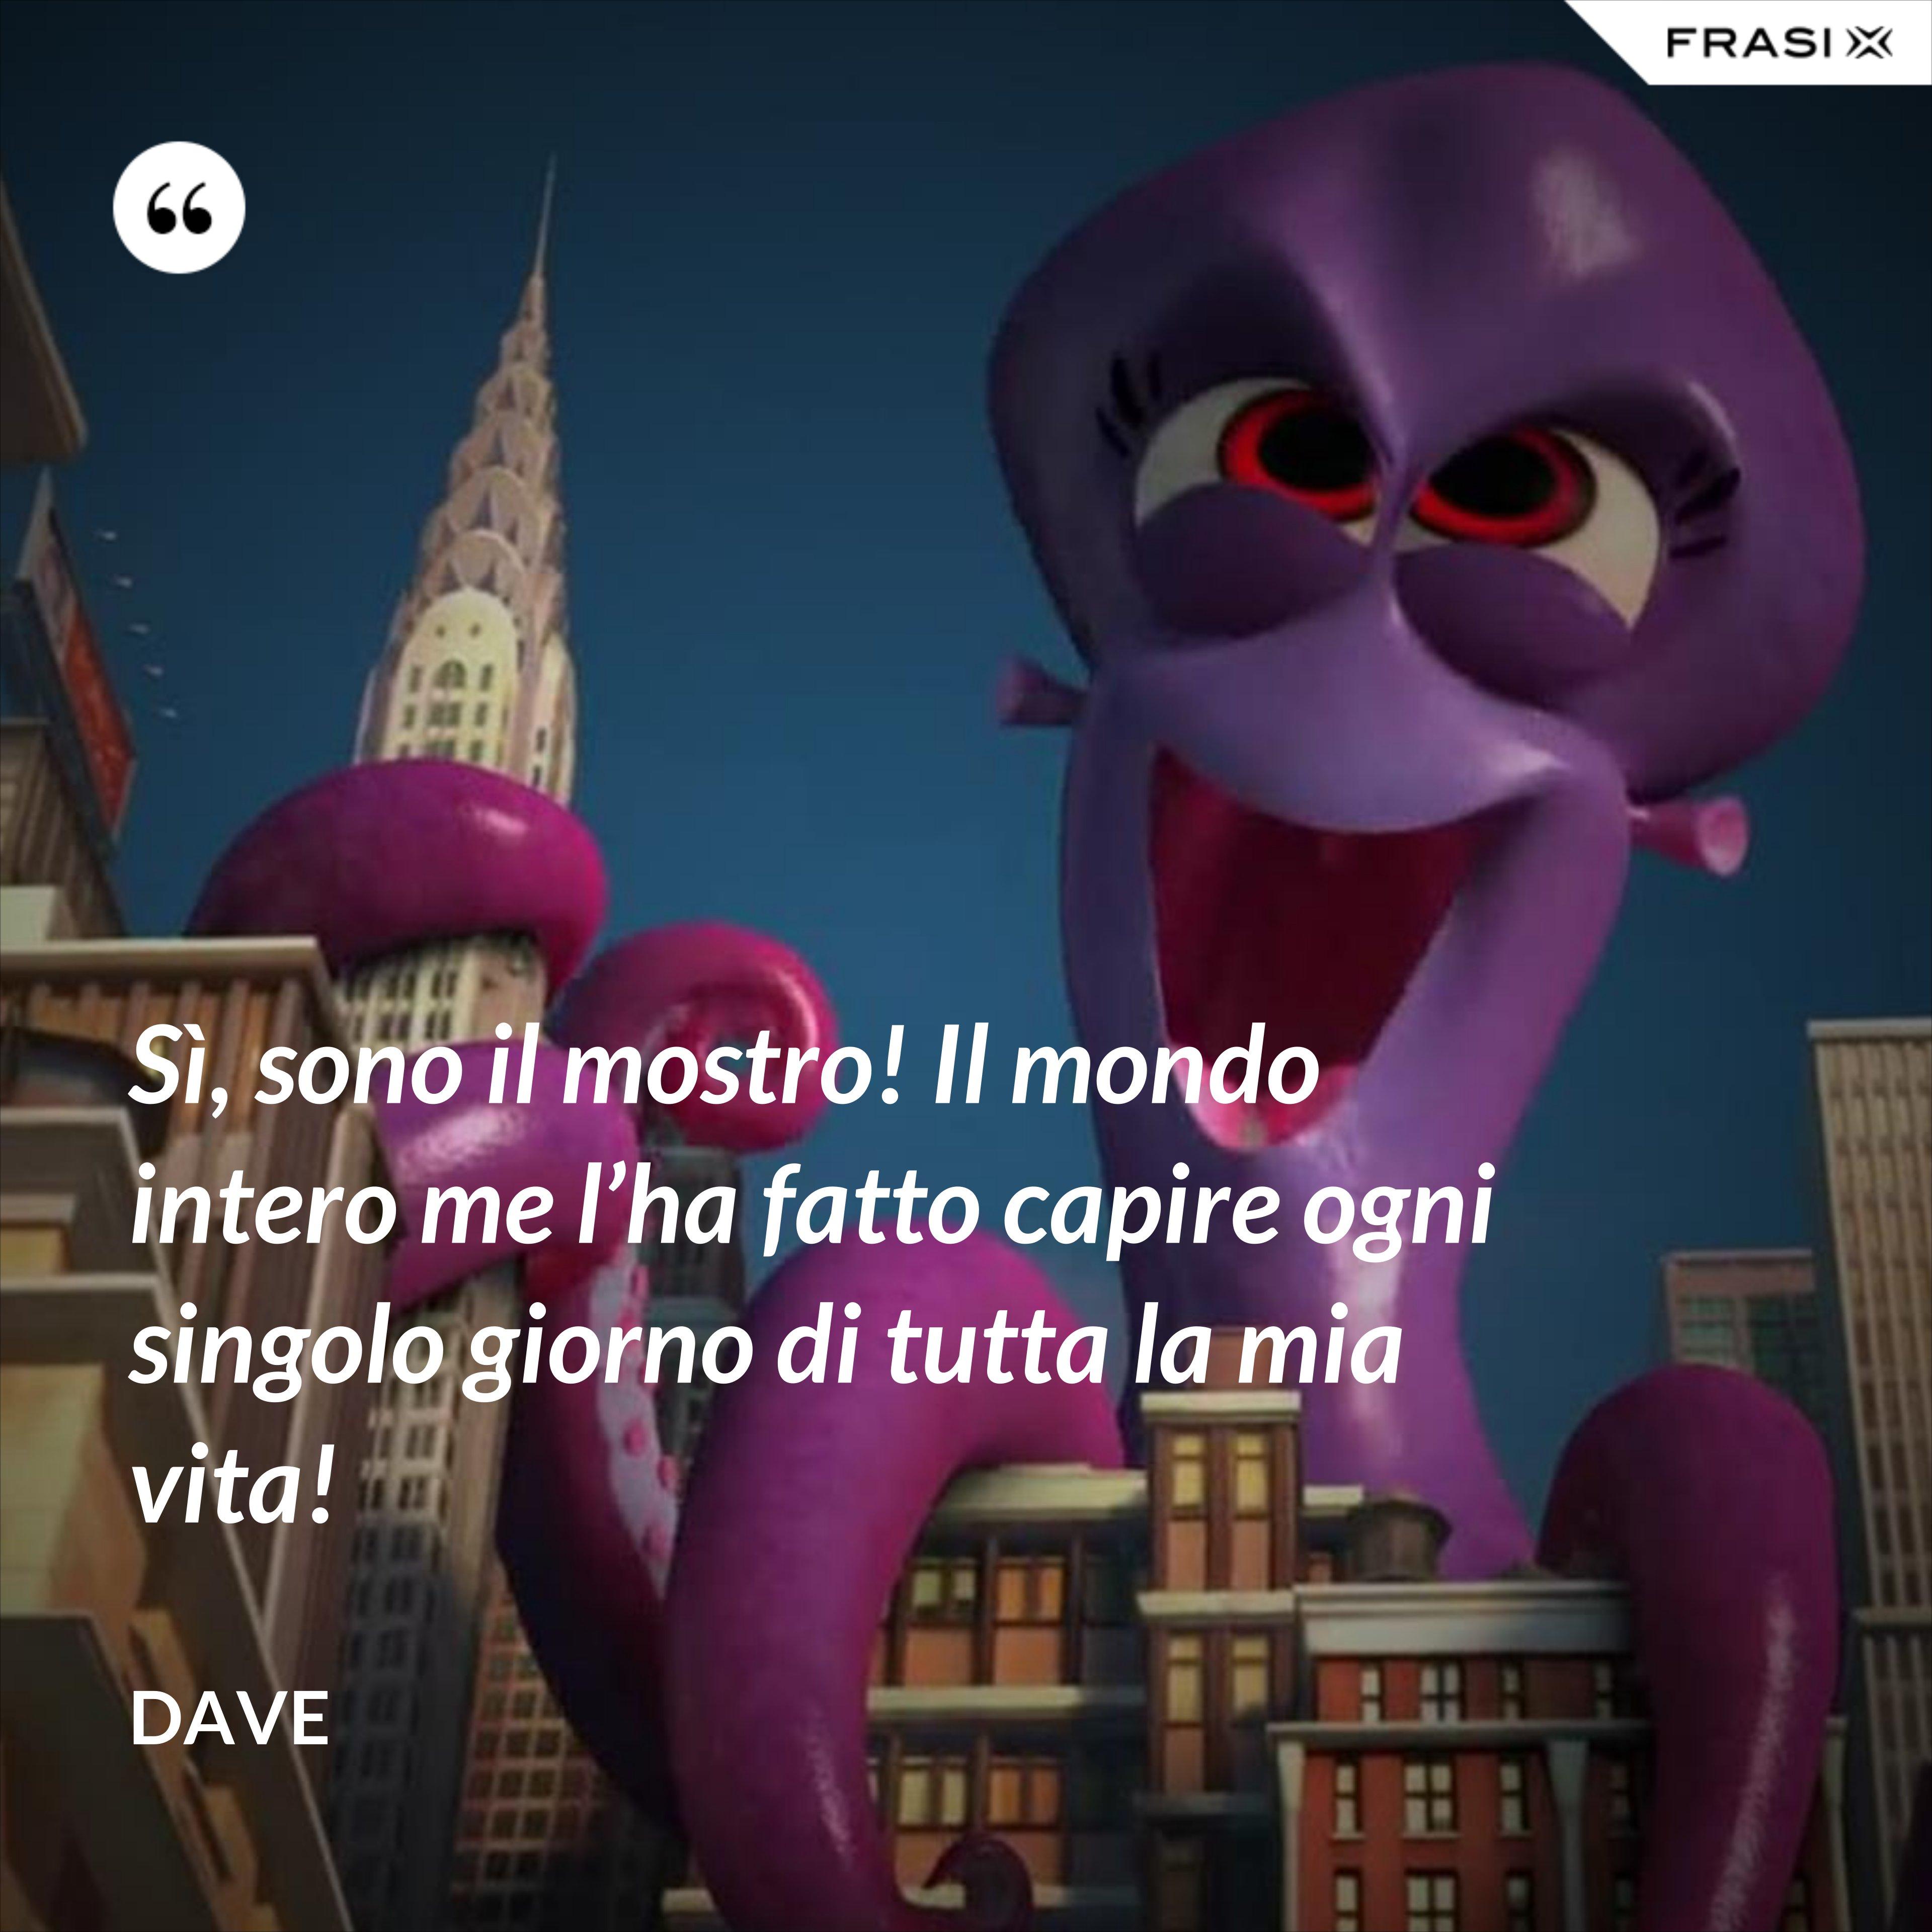 Sì, sono il mostro! Il mondo intero me l'ha fatto capire ogni singolo giorno di tutta la mia vita! - Dave